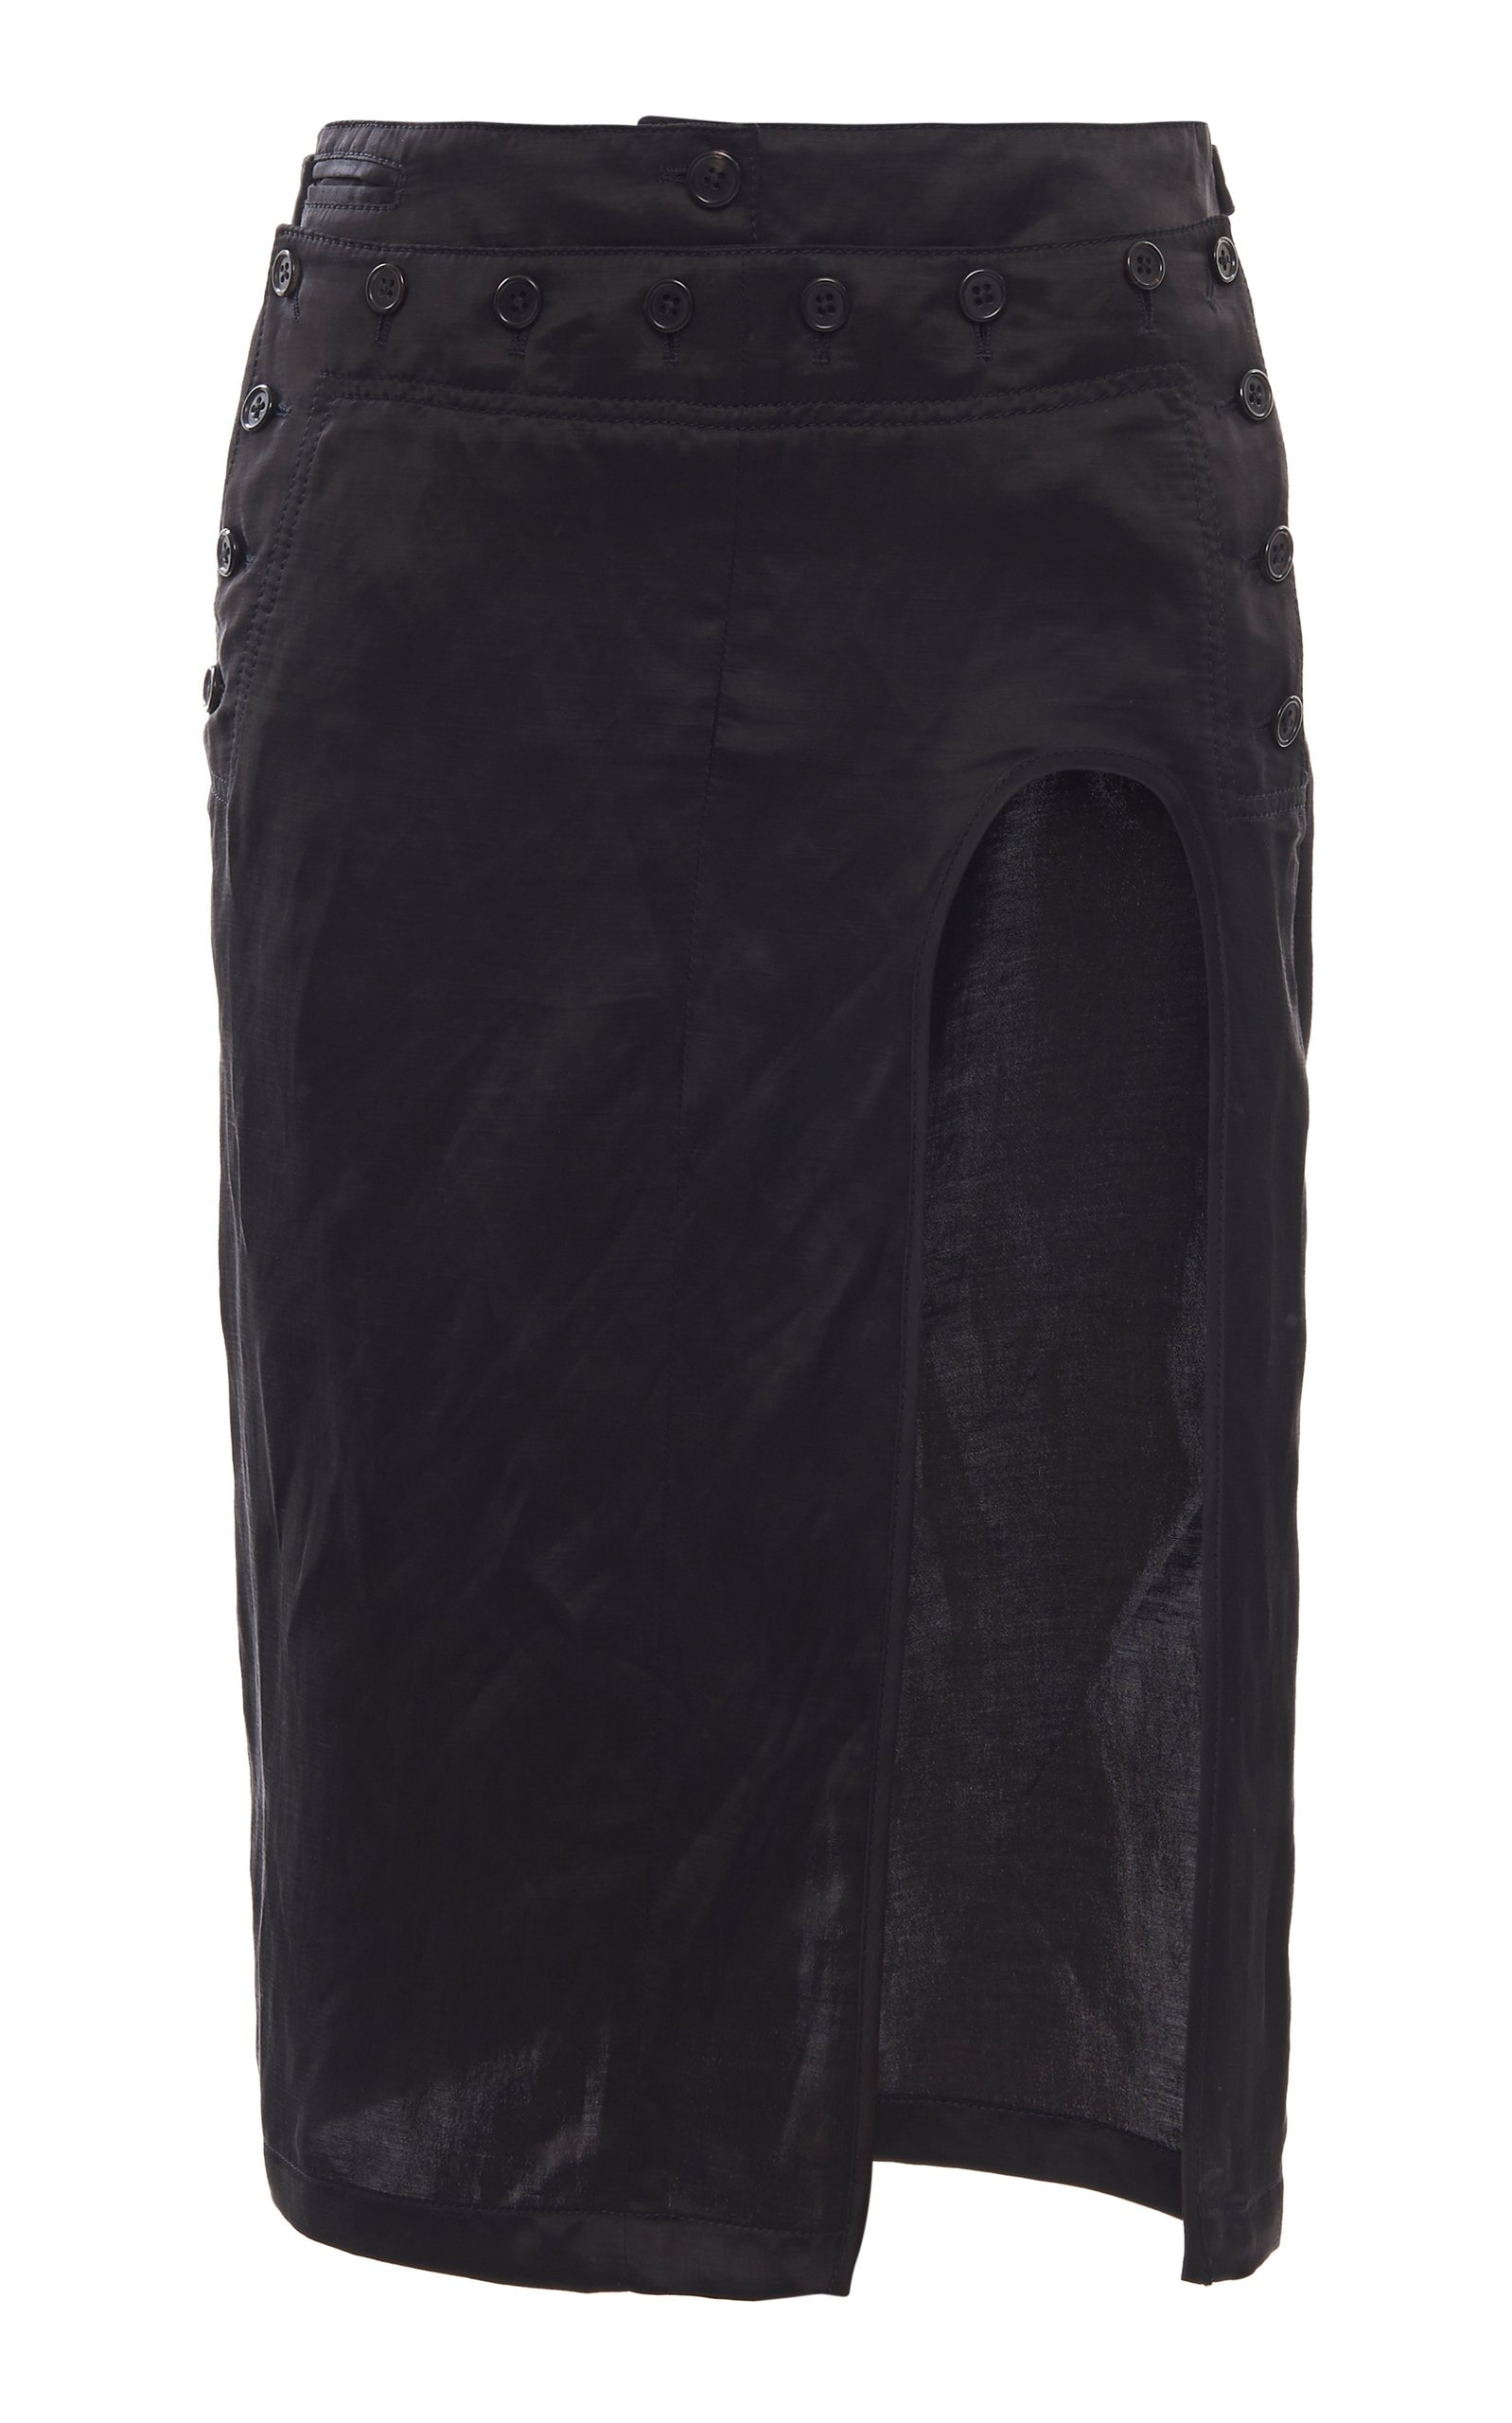 Ann Demeulemeester Cutout Satin Skirt Size: 34